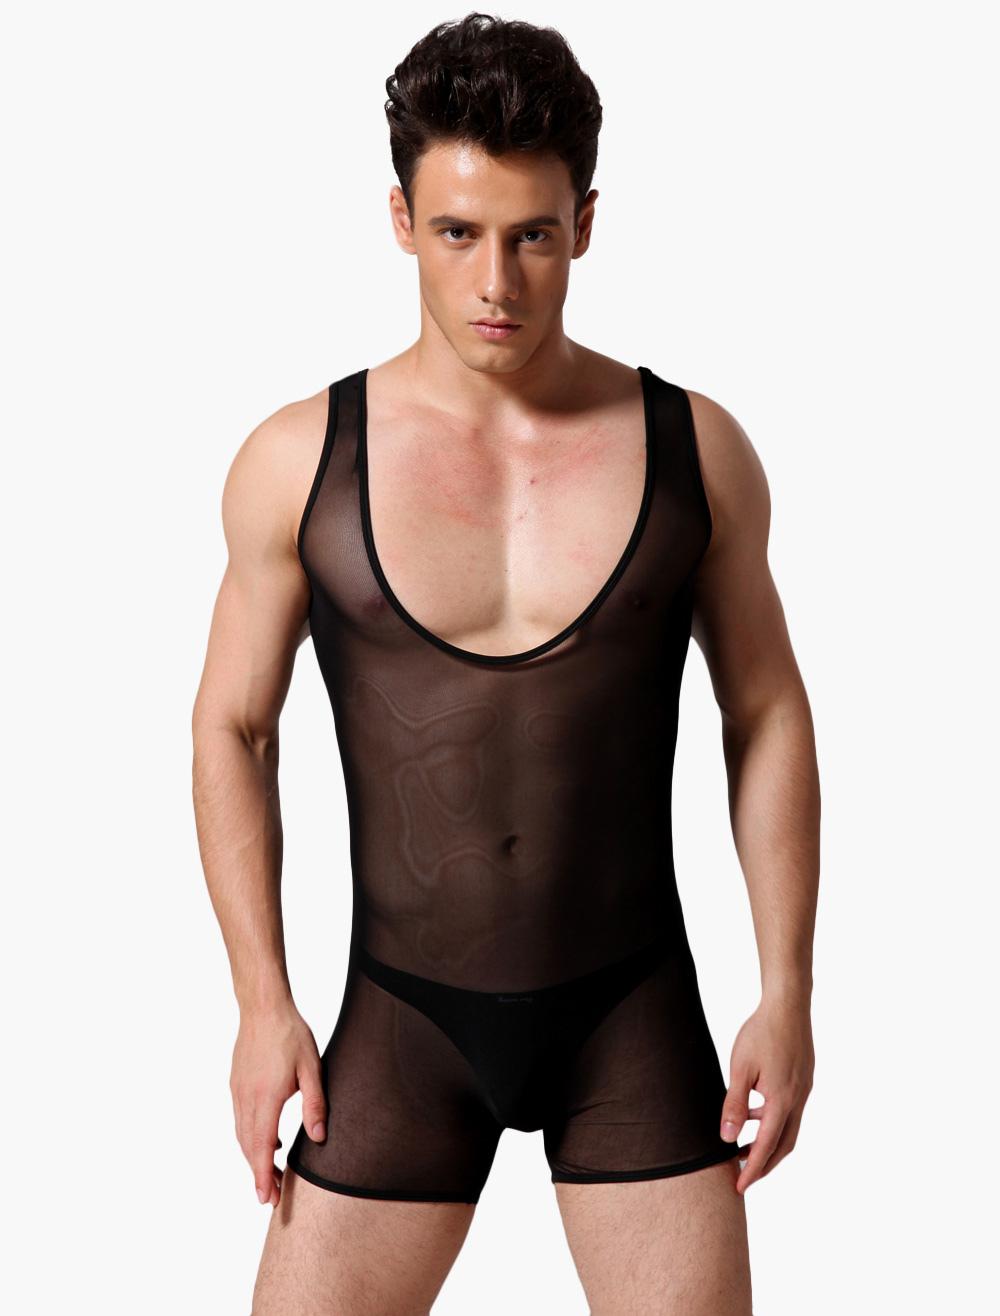 Sexy Scoop Neck Nylon Undershirt For Men